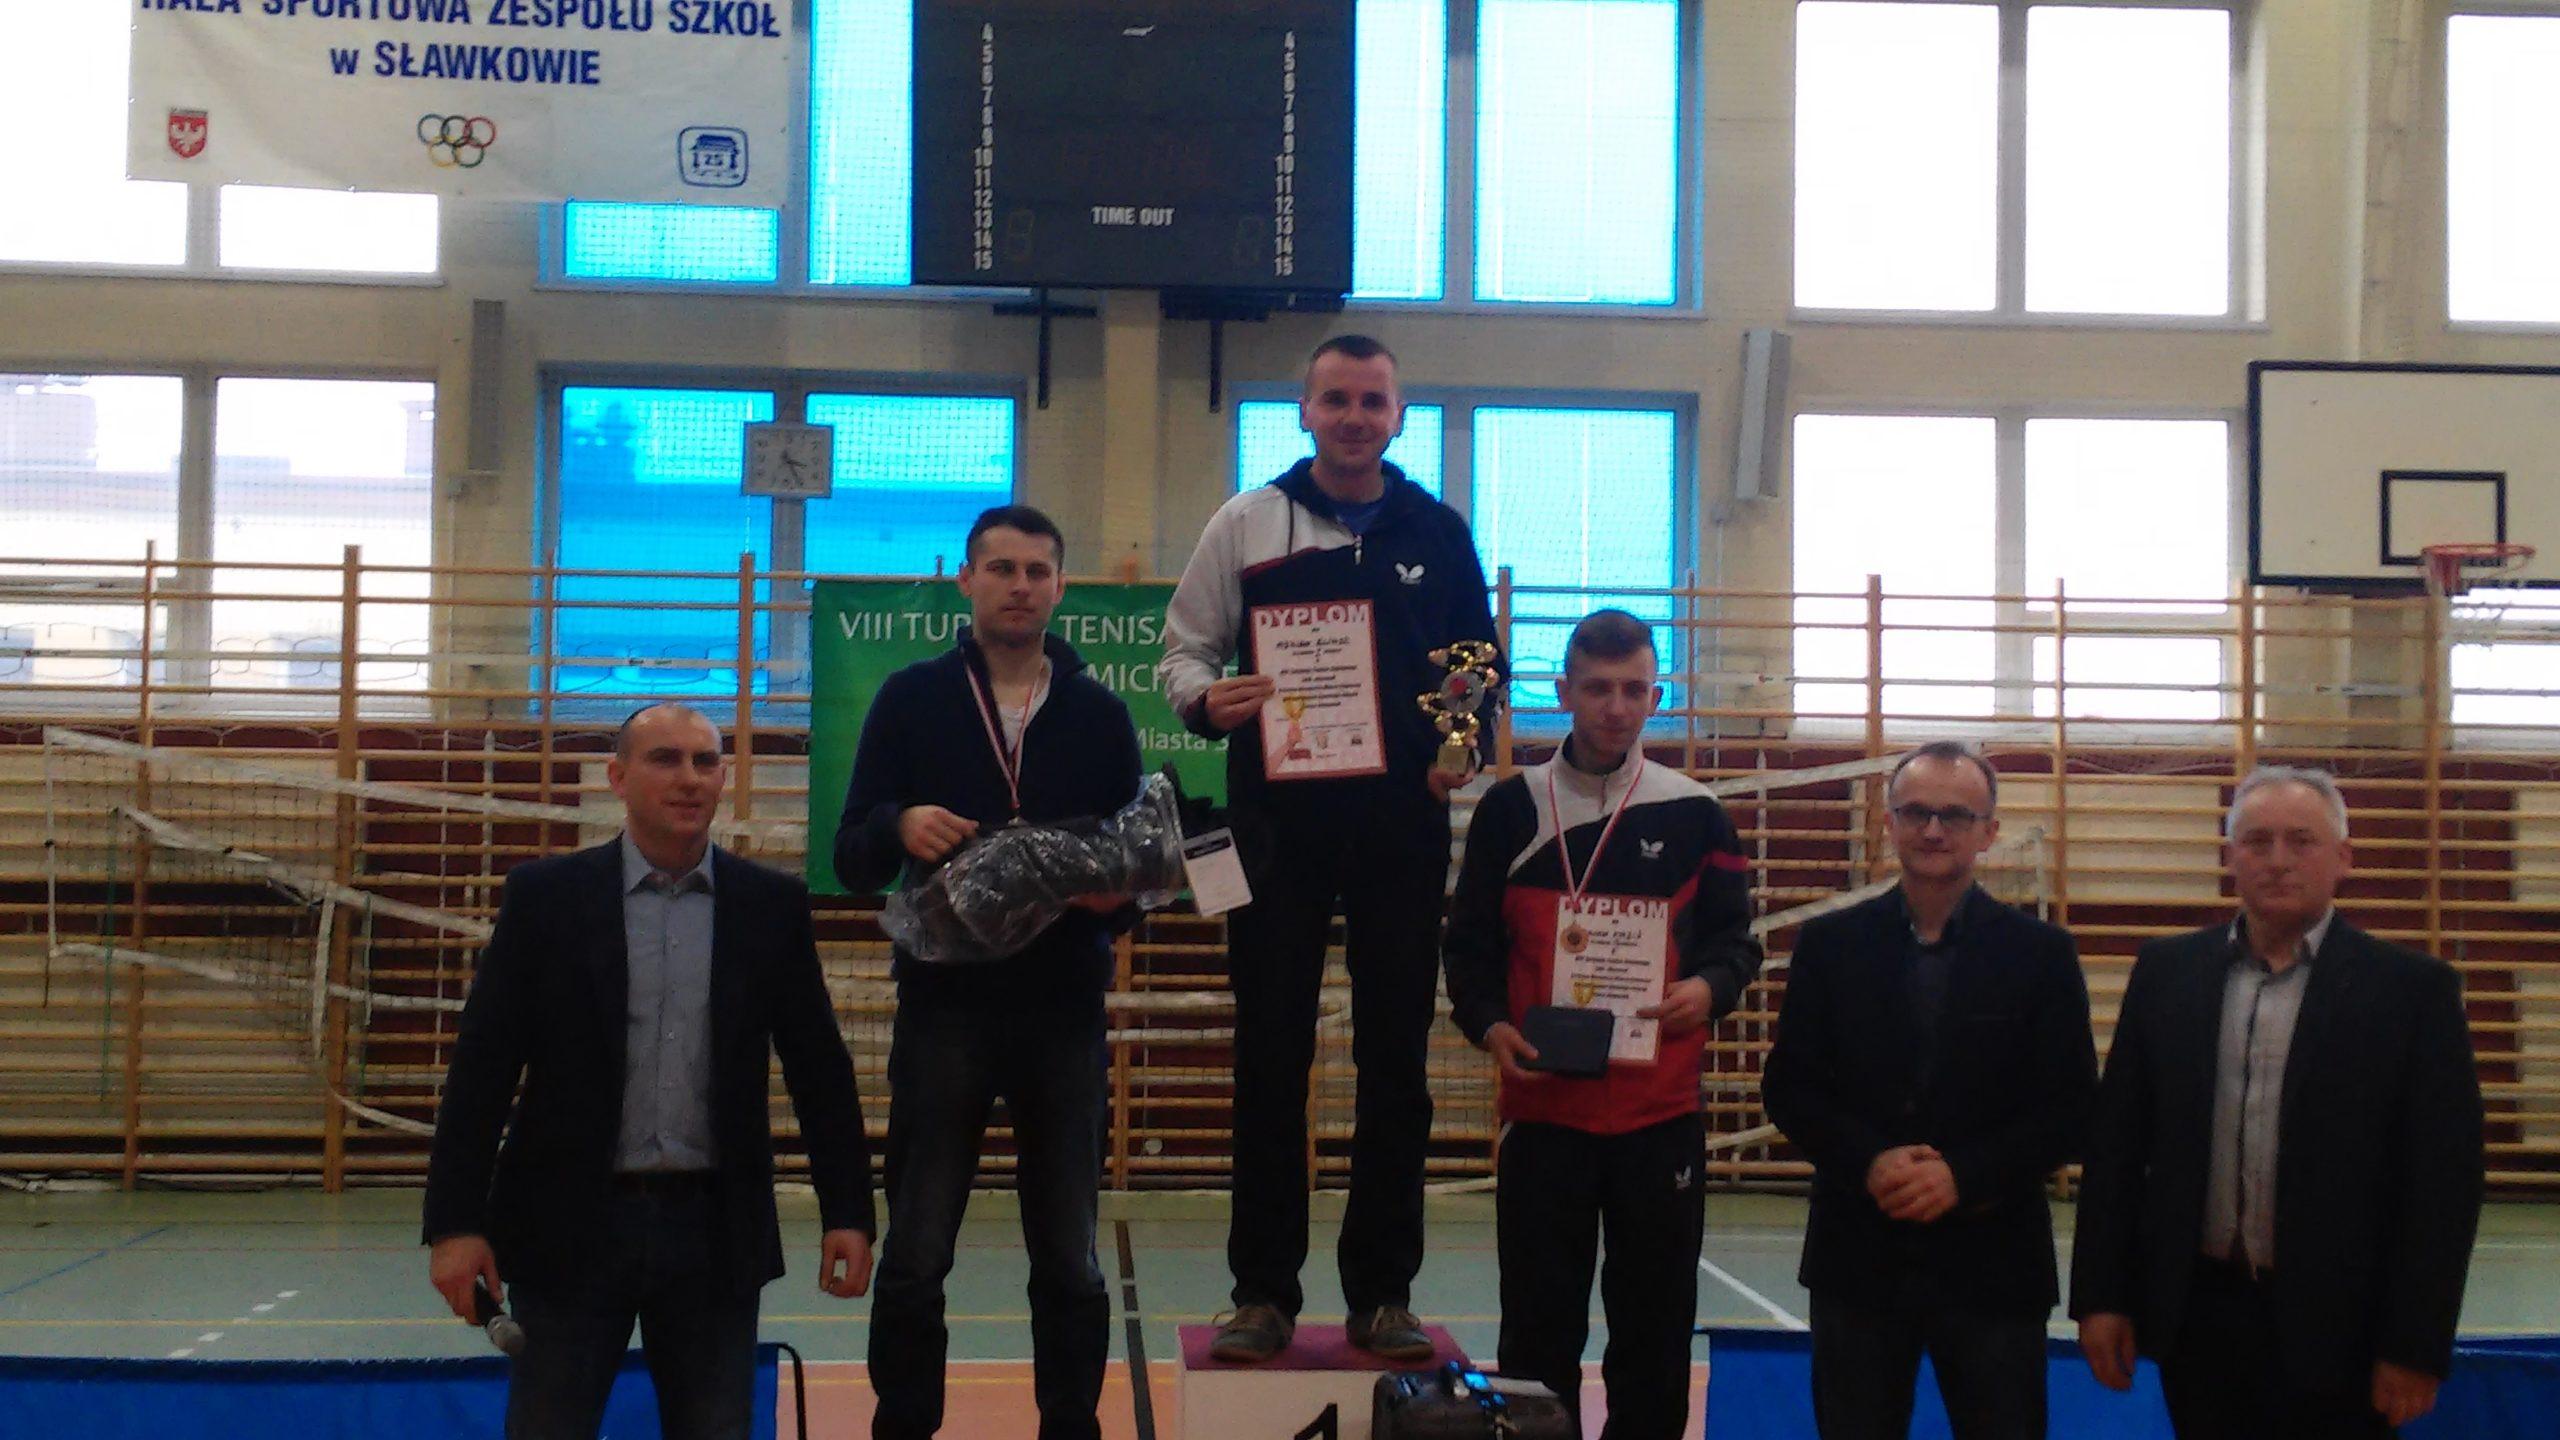 podium Open wSławkowie